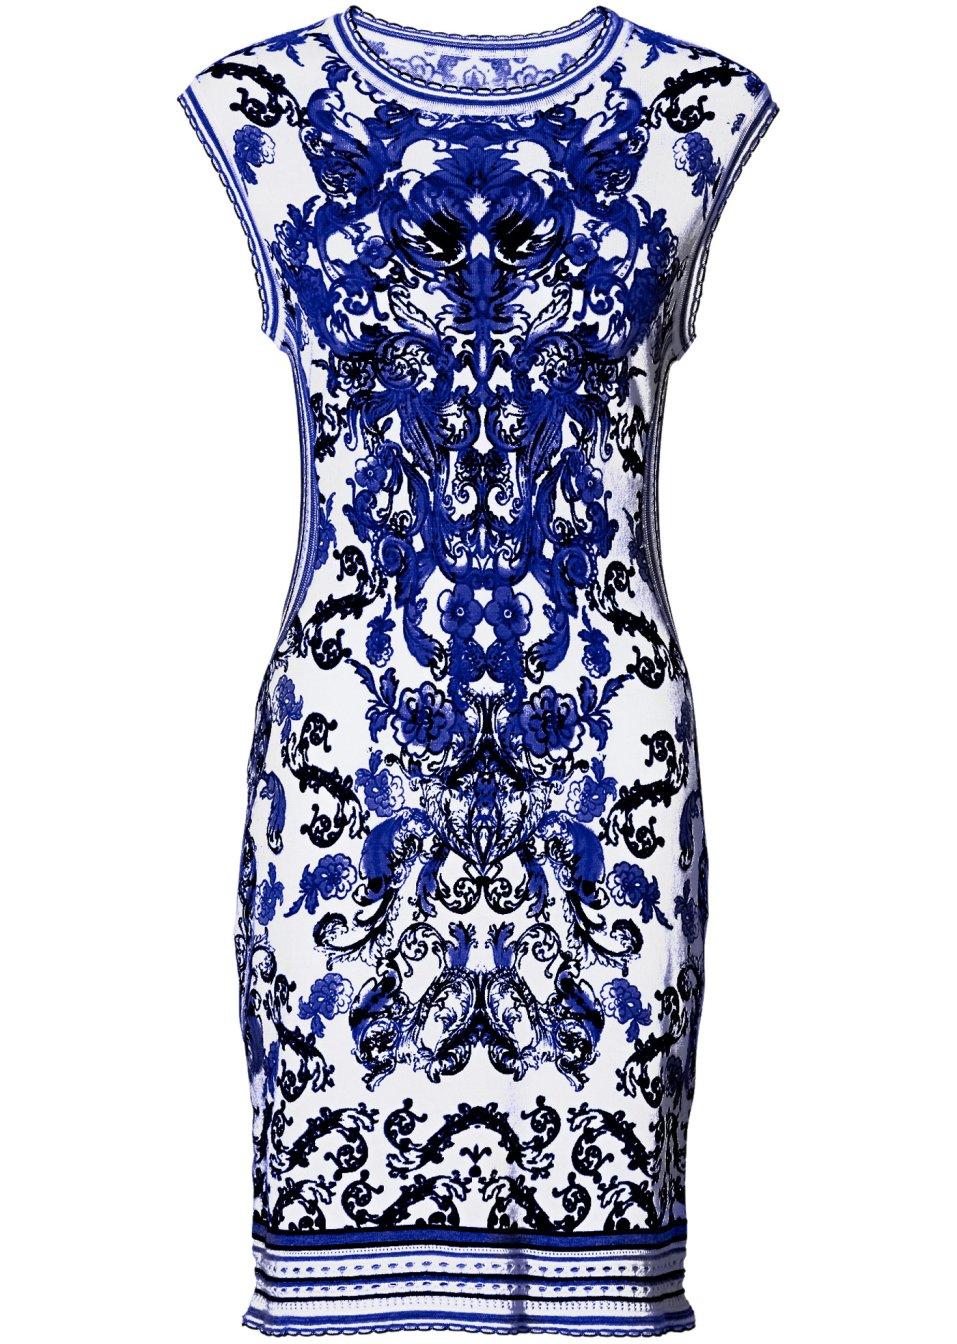 anziehendes kleid mit modischem ornament druck weiss blau. Black Bedroom Furniture Sets. Home Design Ideas